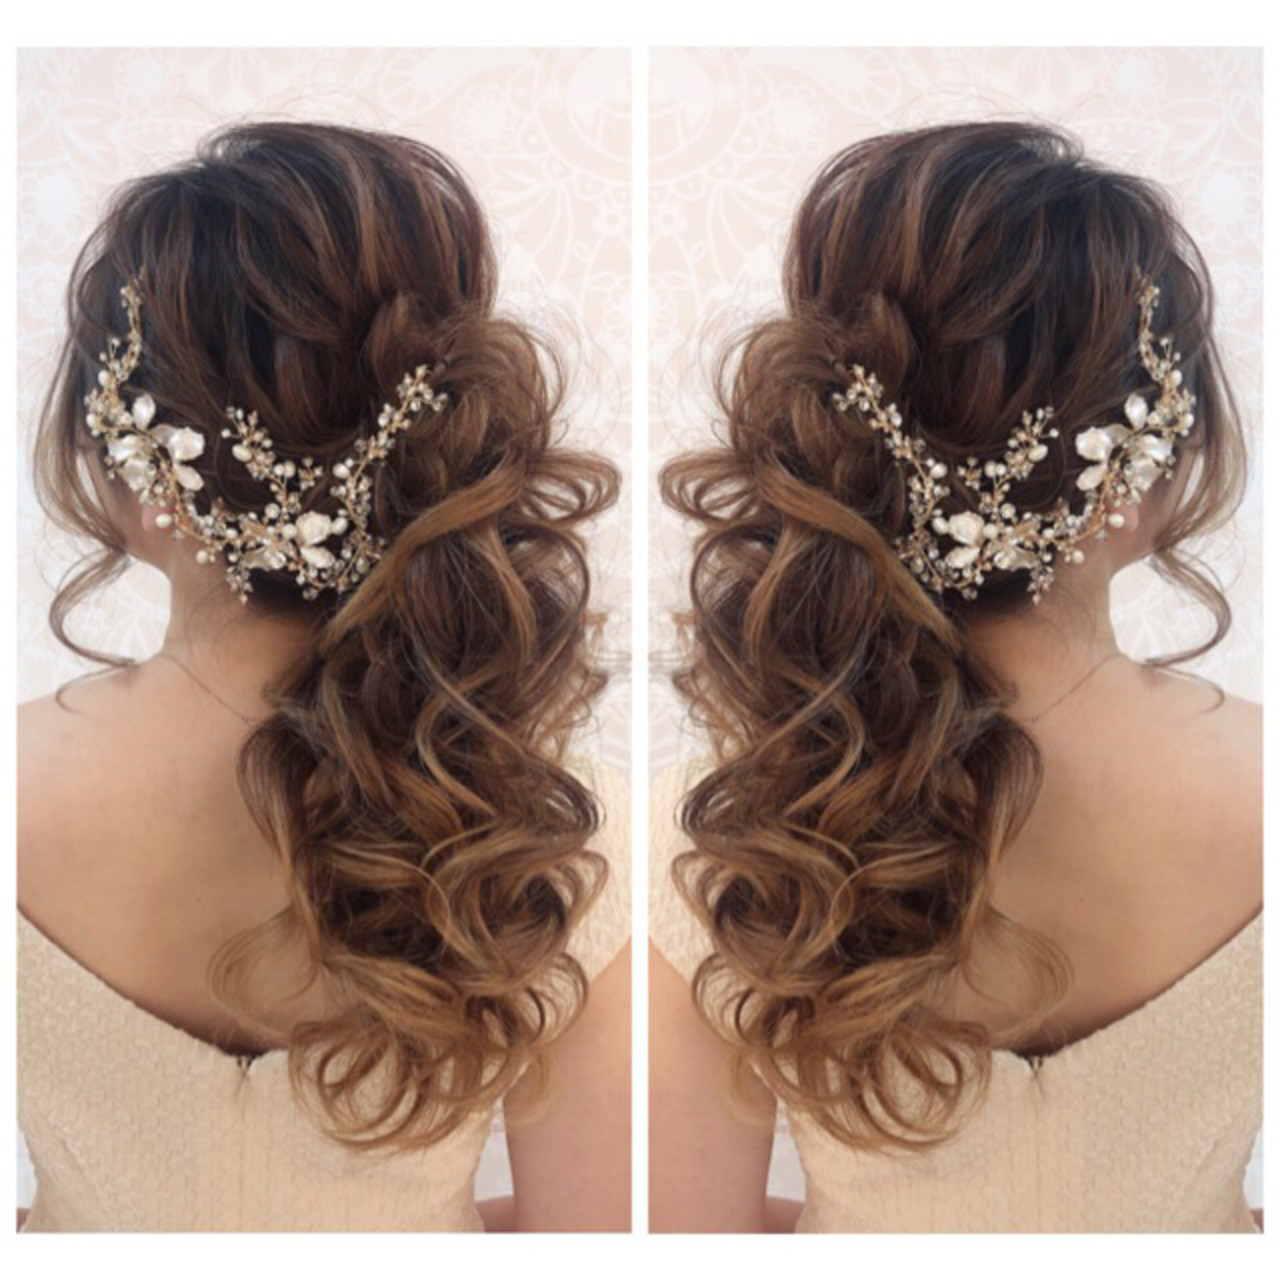 ナチュラル 花嫁 ヘアアレンジ ロング ヘアスタイルや髪型の写真・画像 | amico/佐藤 友理 / AMICO